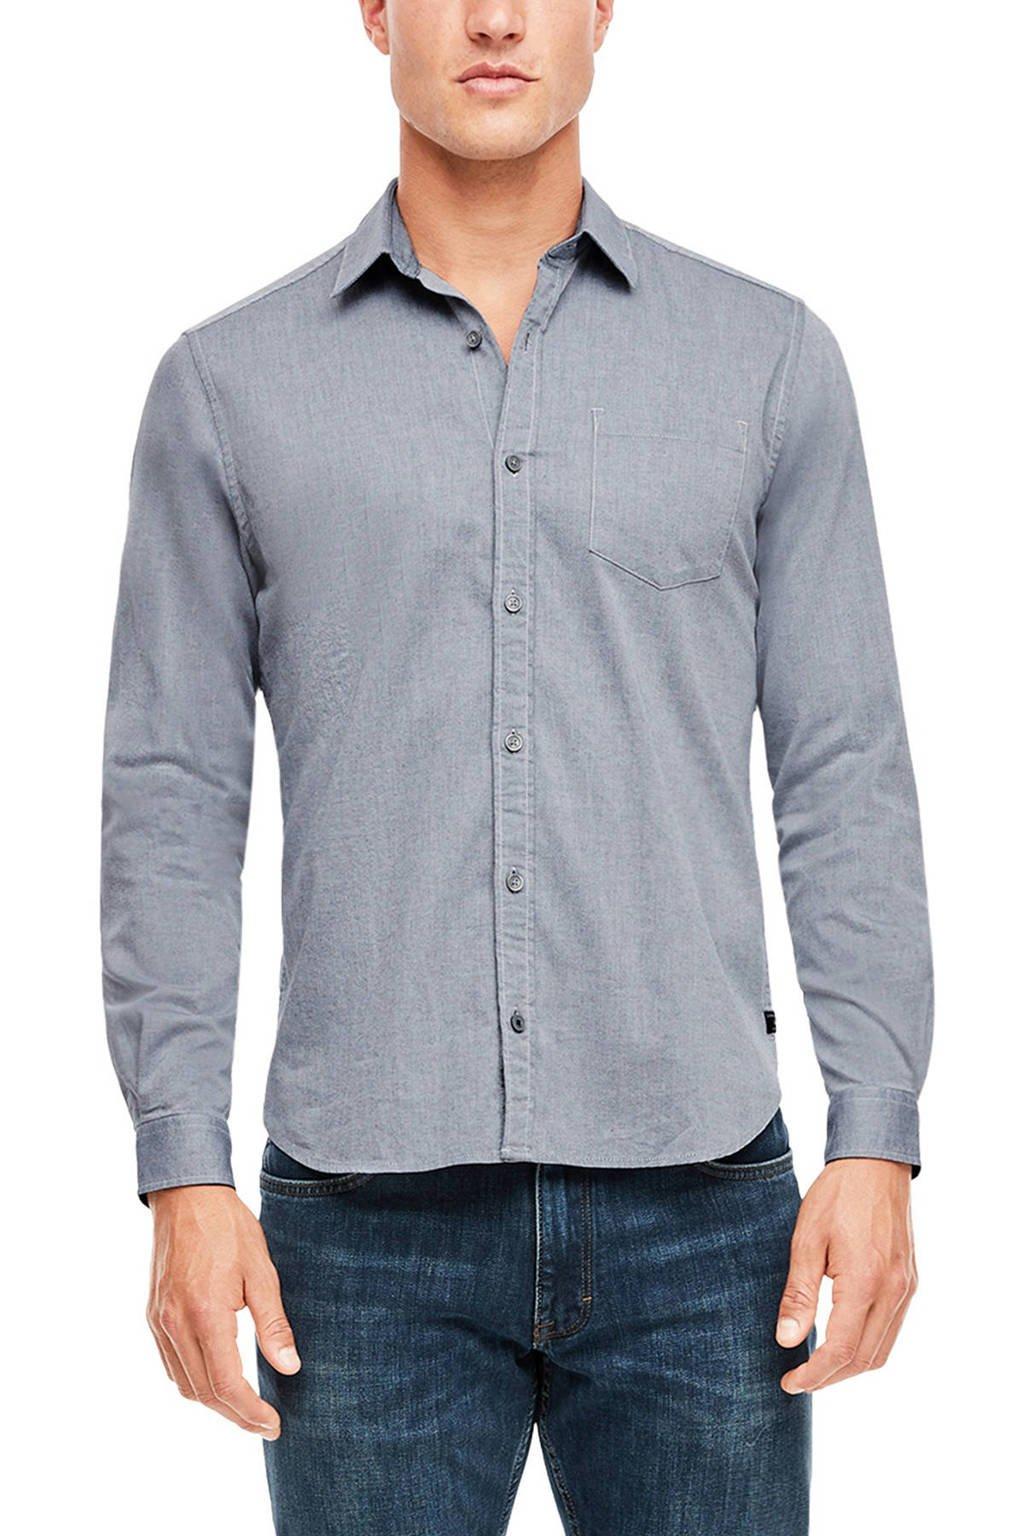 s.Oliver slim fit denim overhemd grijs, Grijs